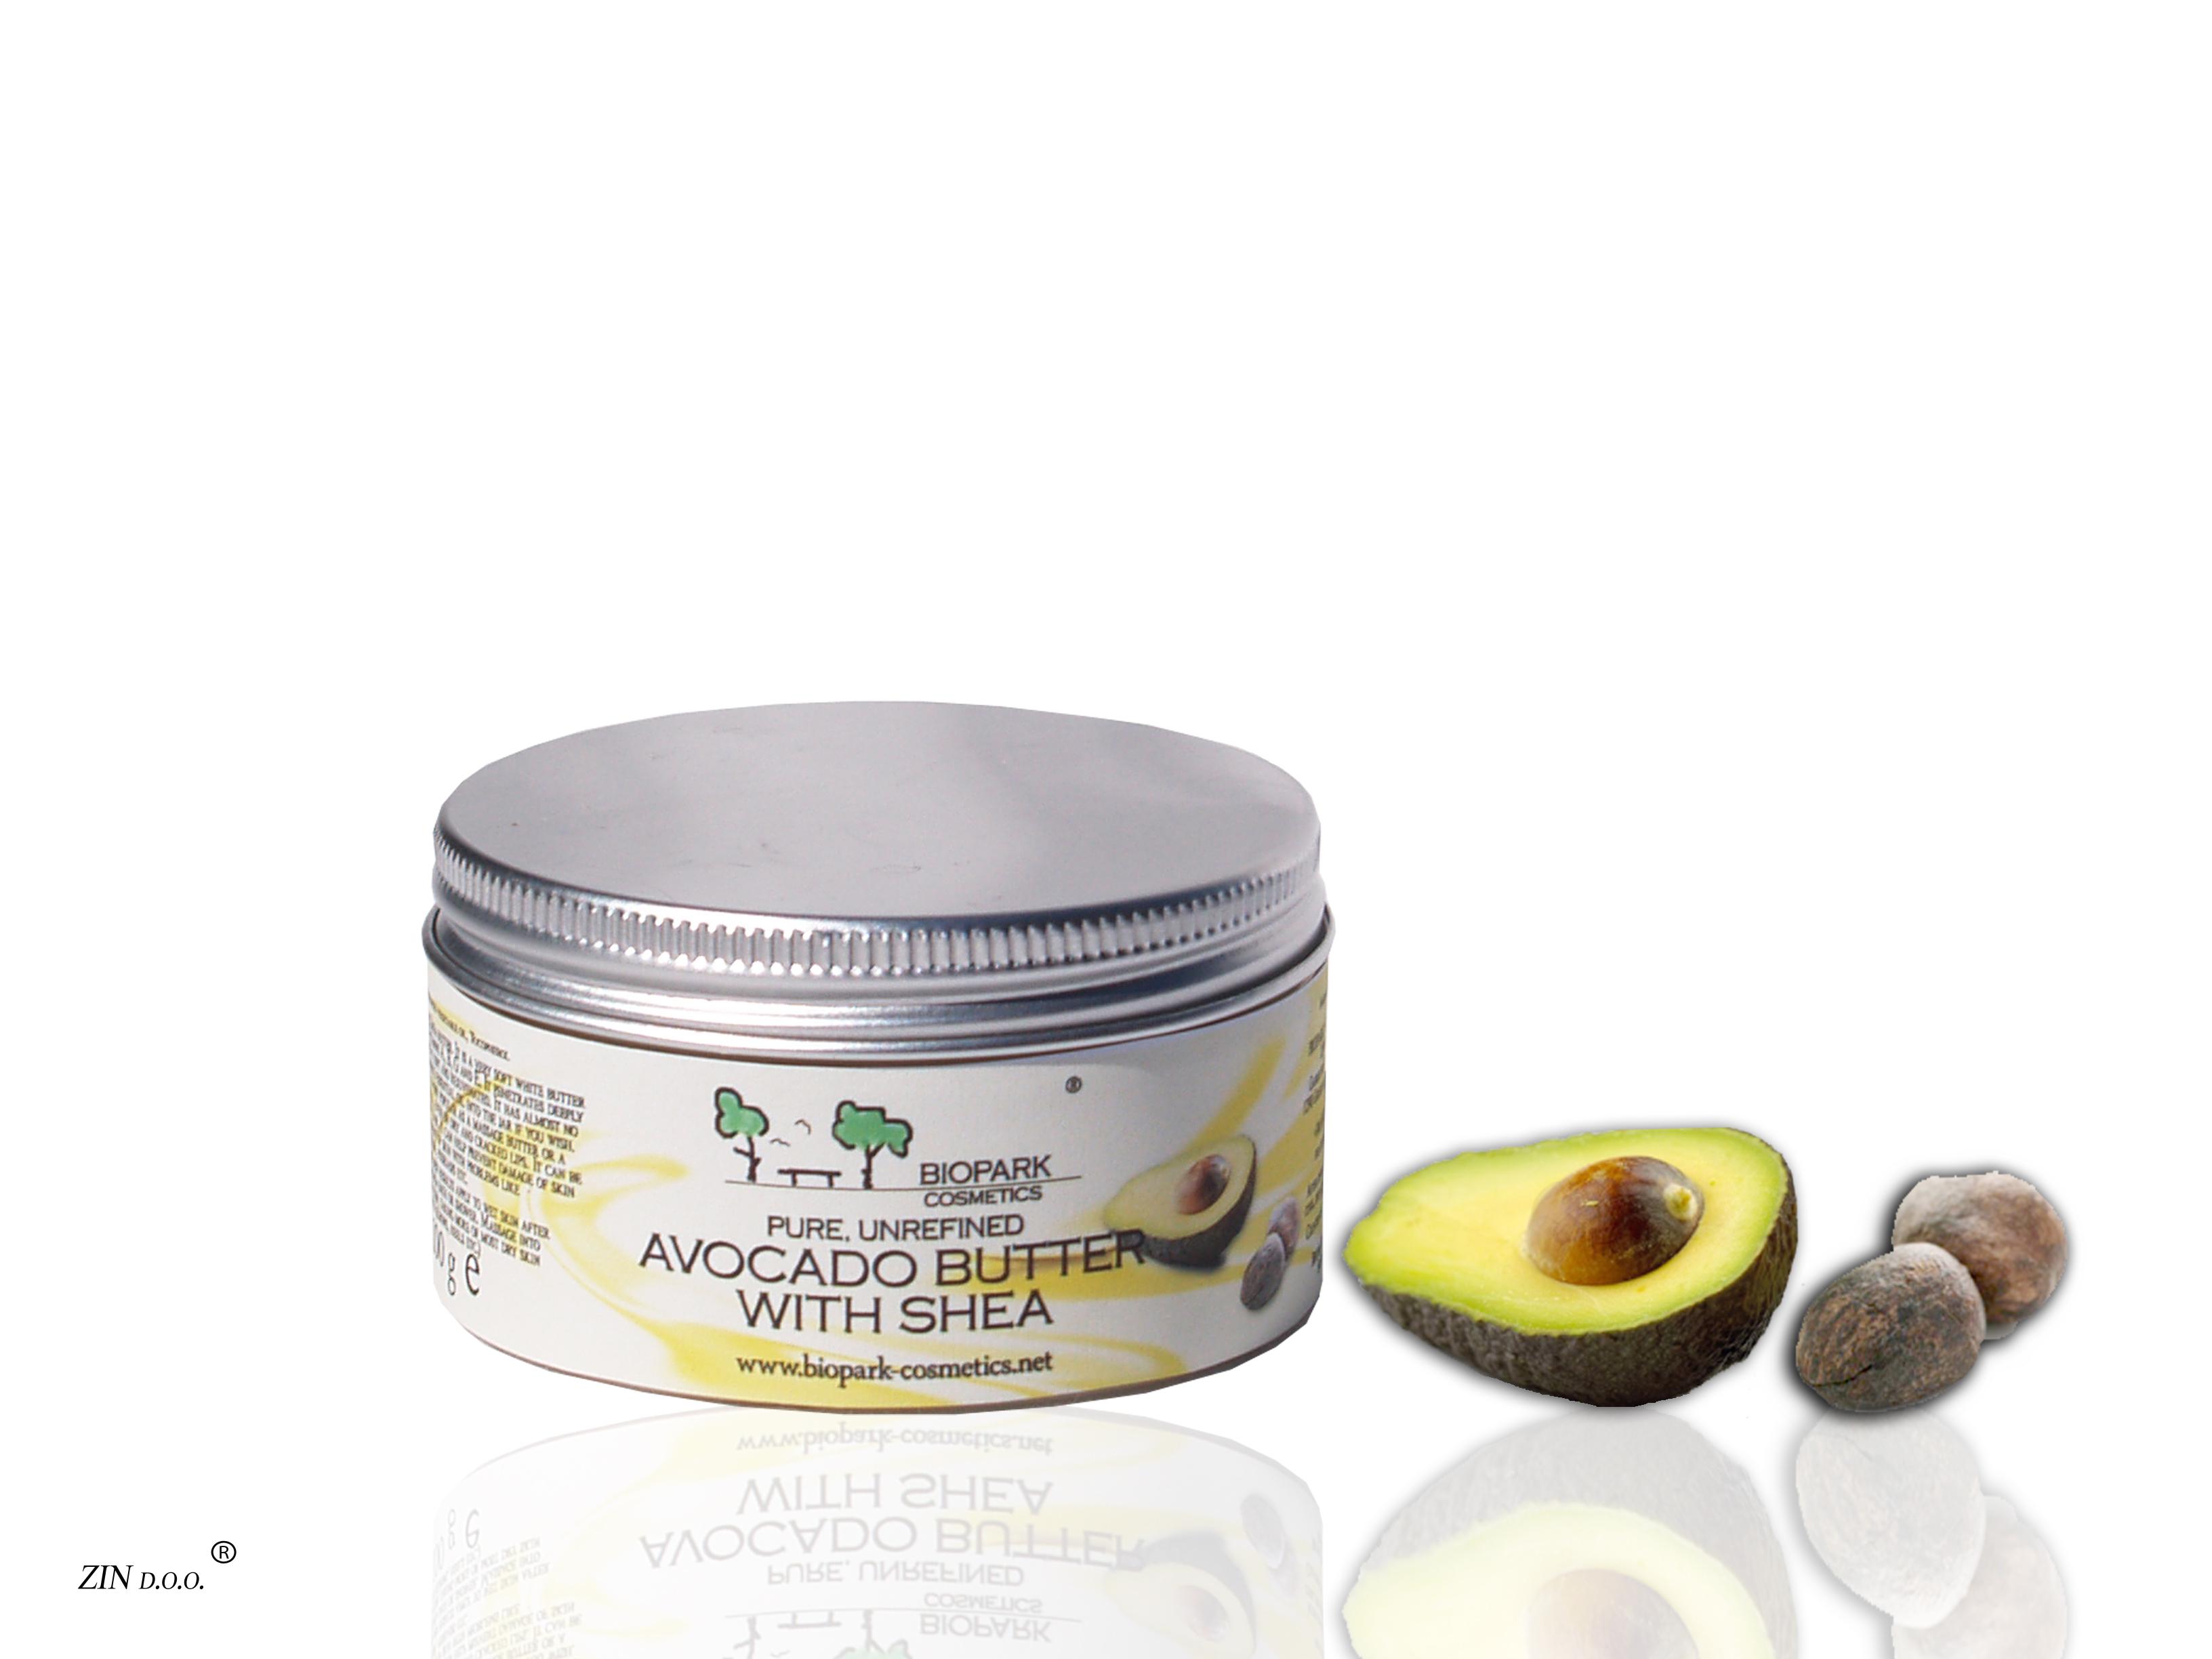 Avocado & Shea Butter, 100g